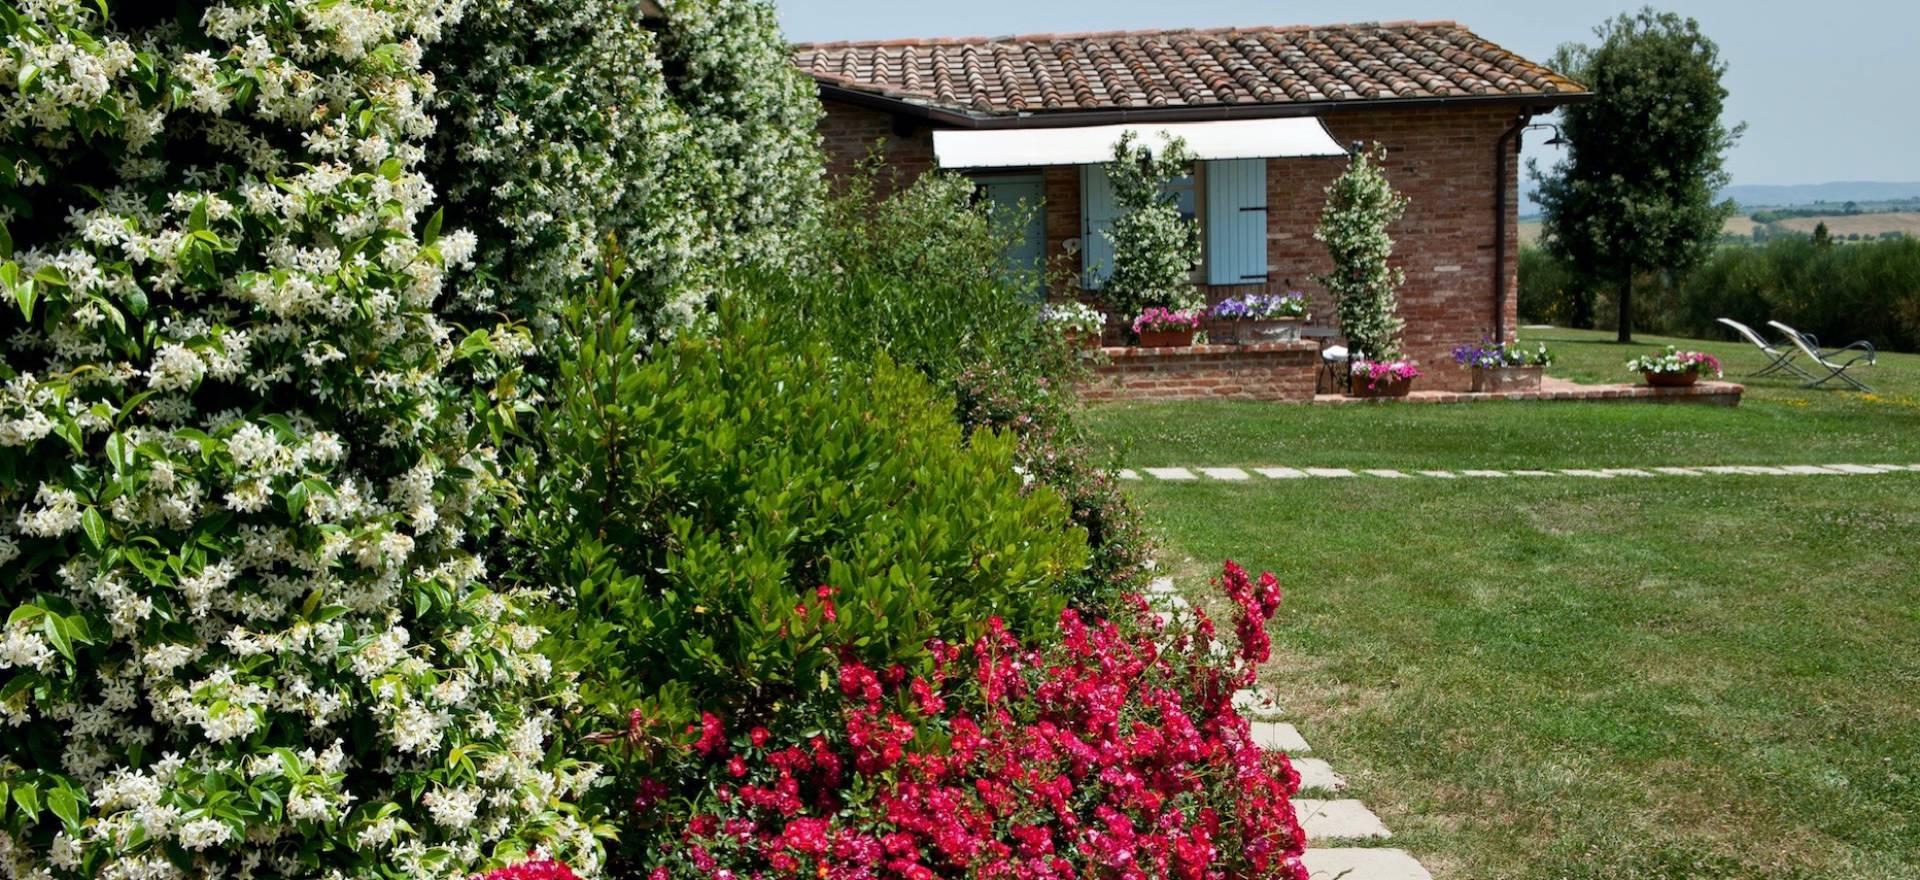 Agriturismo Toscane, bijzonder gastvrij en sfeervol